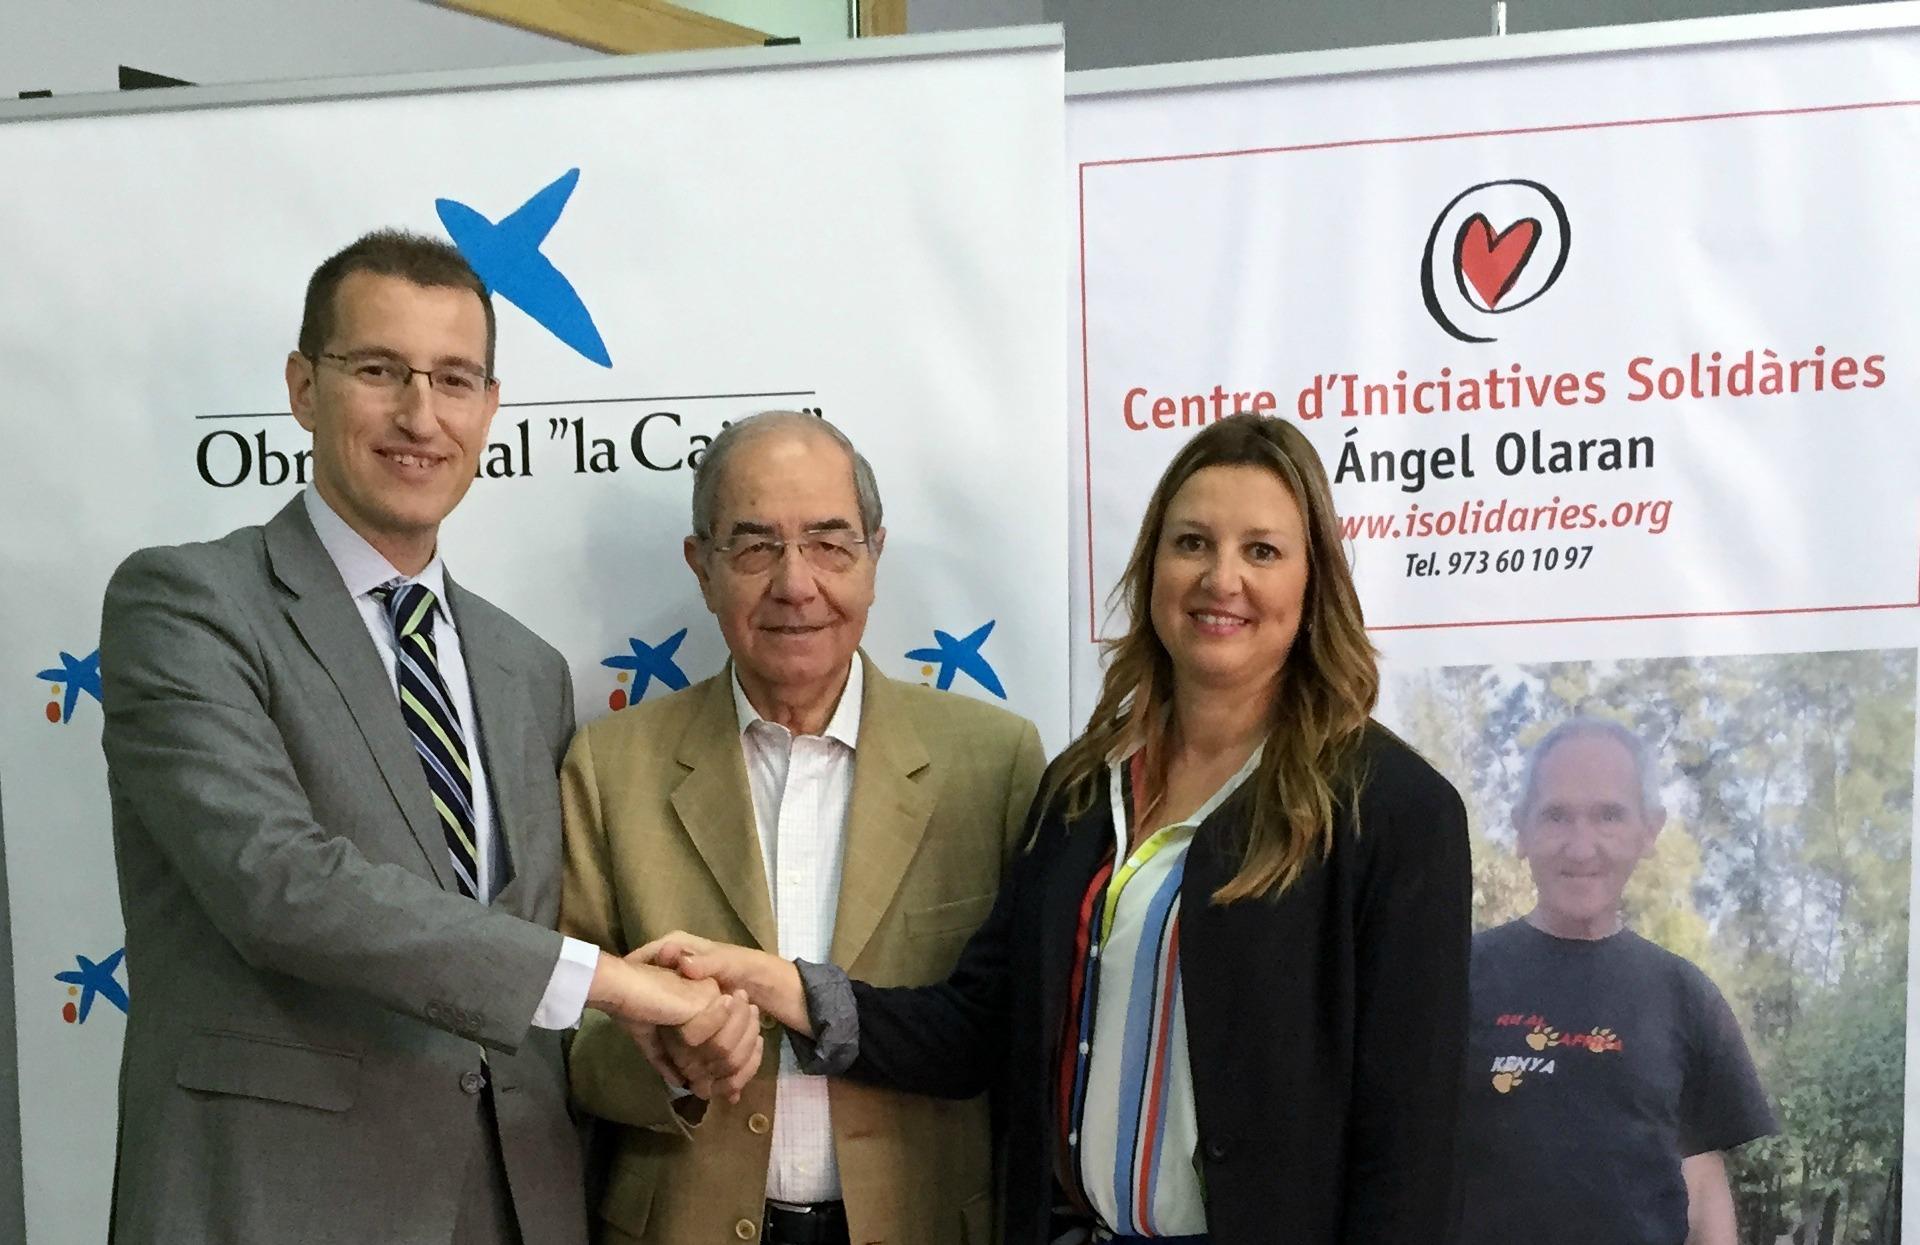 Firma 'la Caixa' subvenció CIS Ángel Olaran